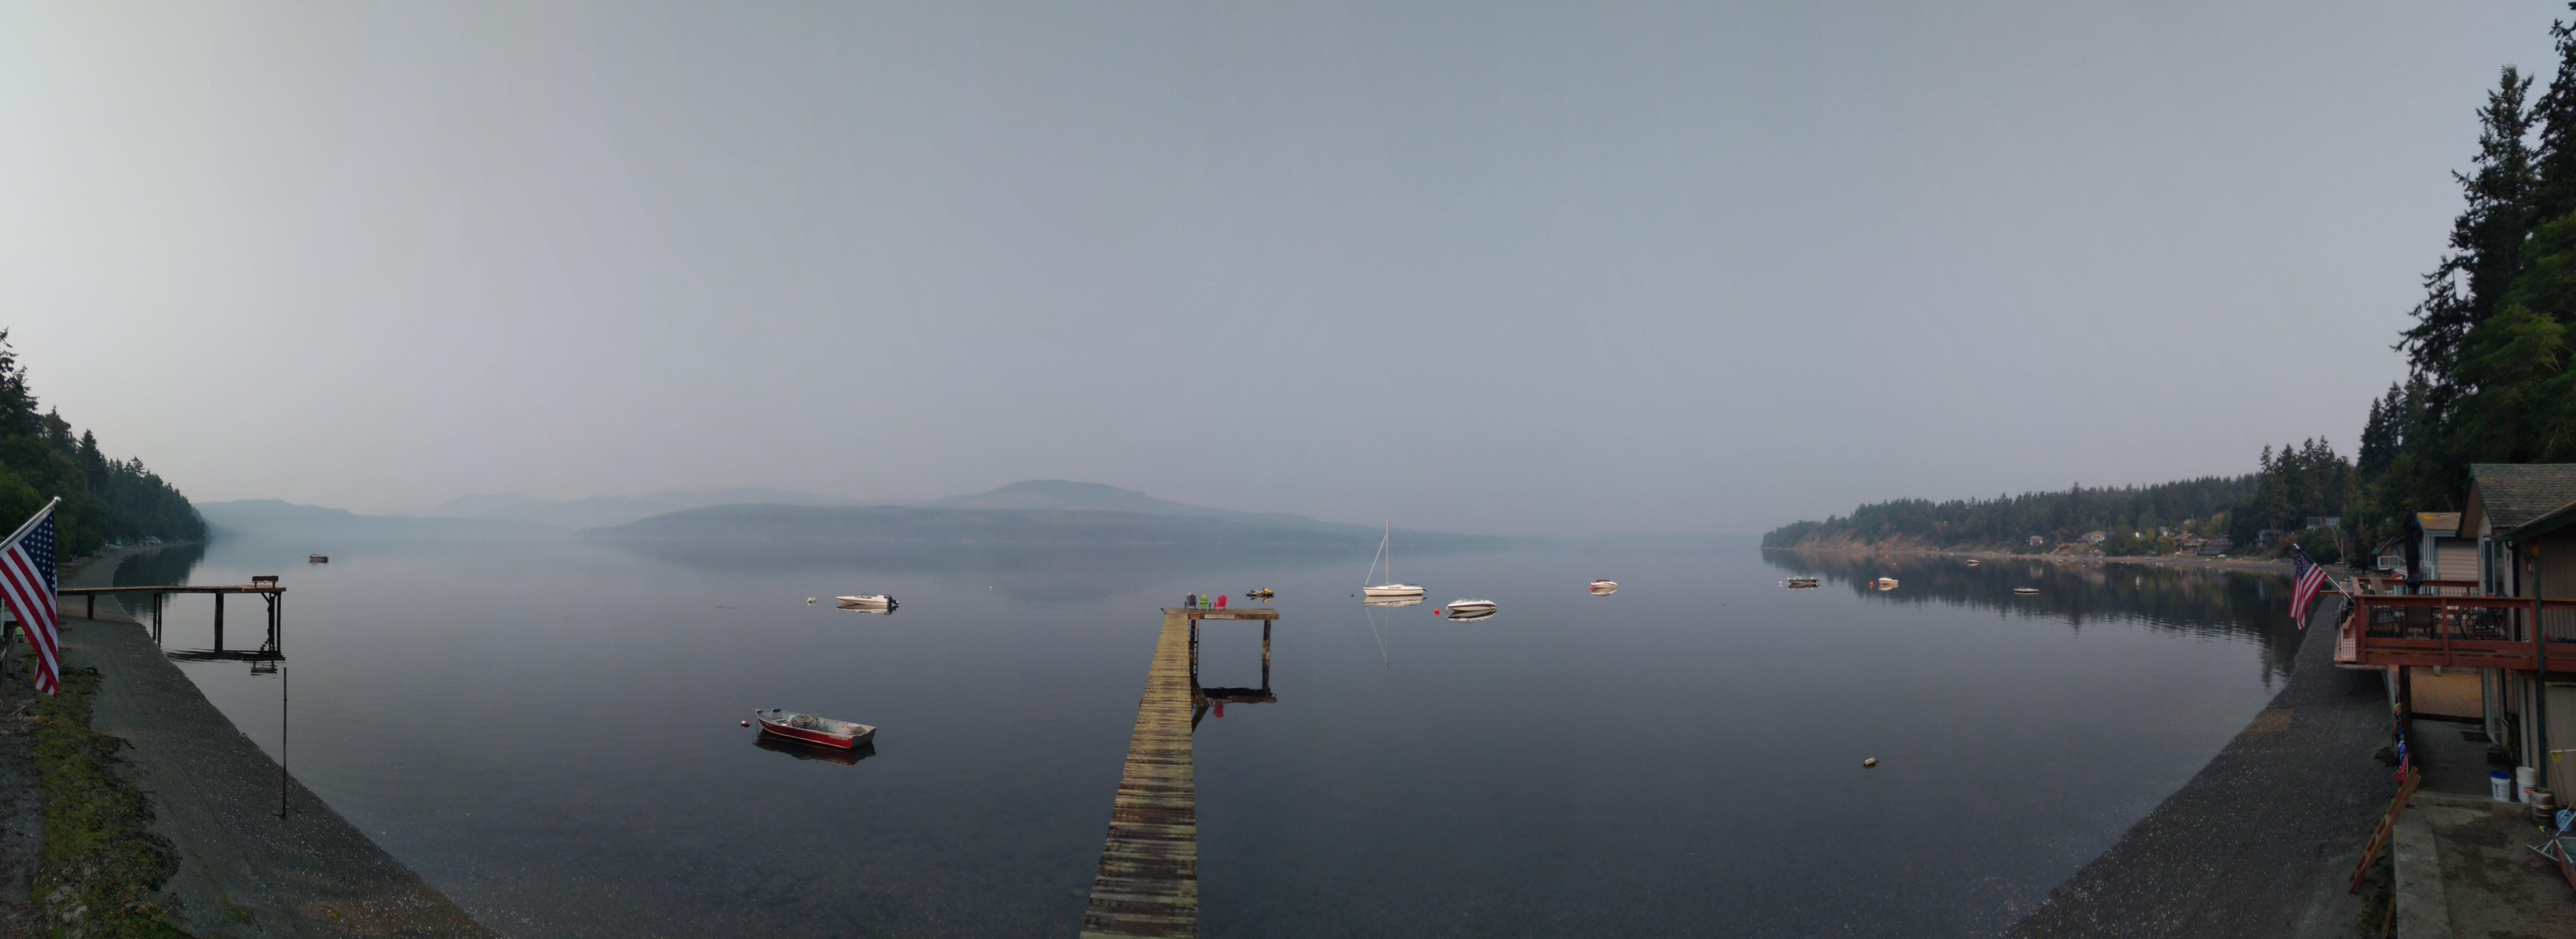 Free stock photo of beach, boats, coast, dock